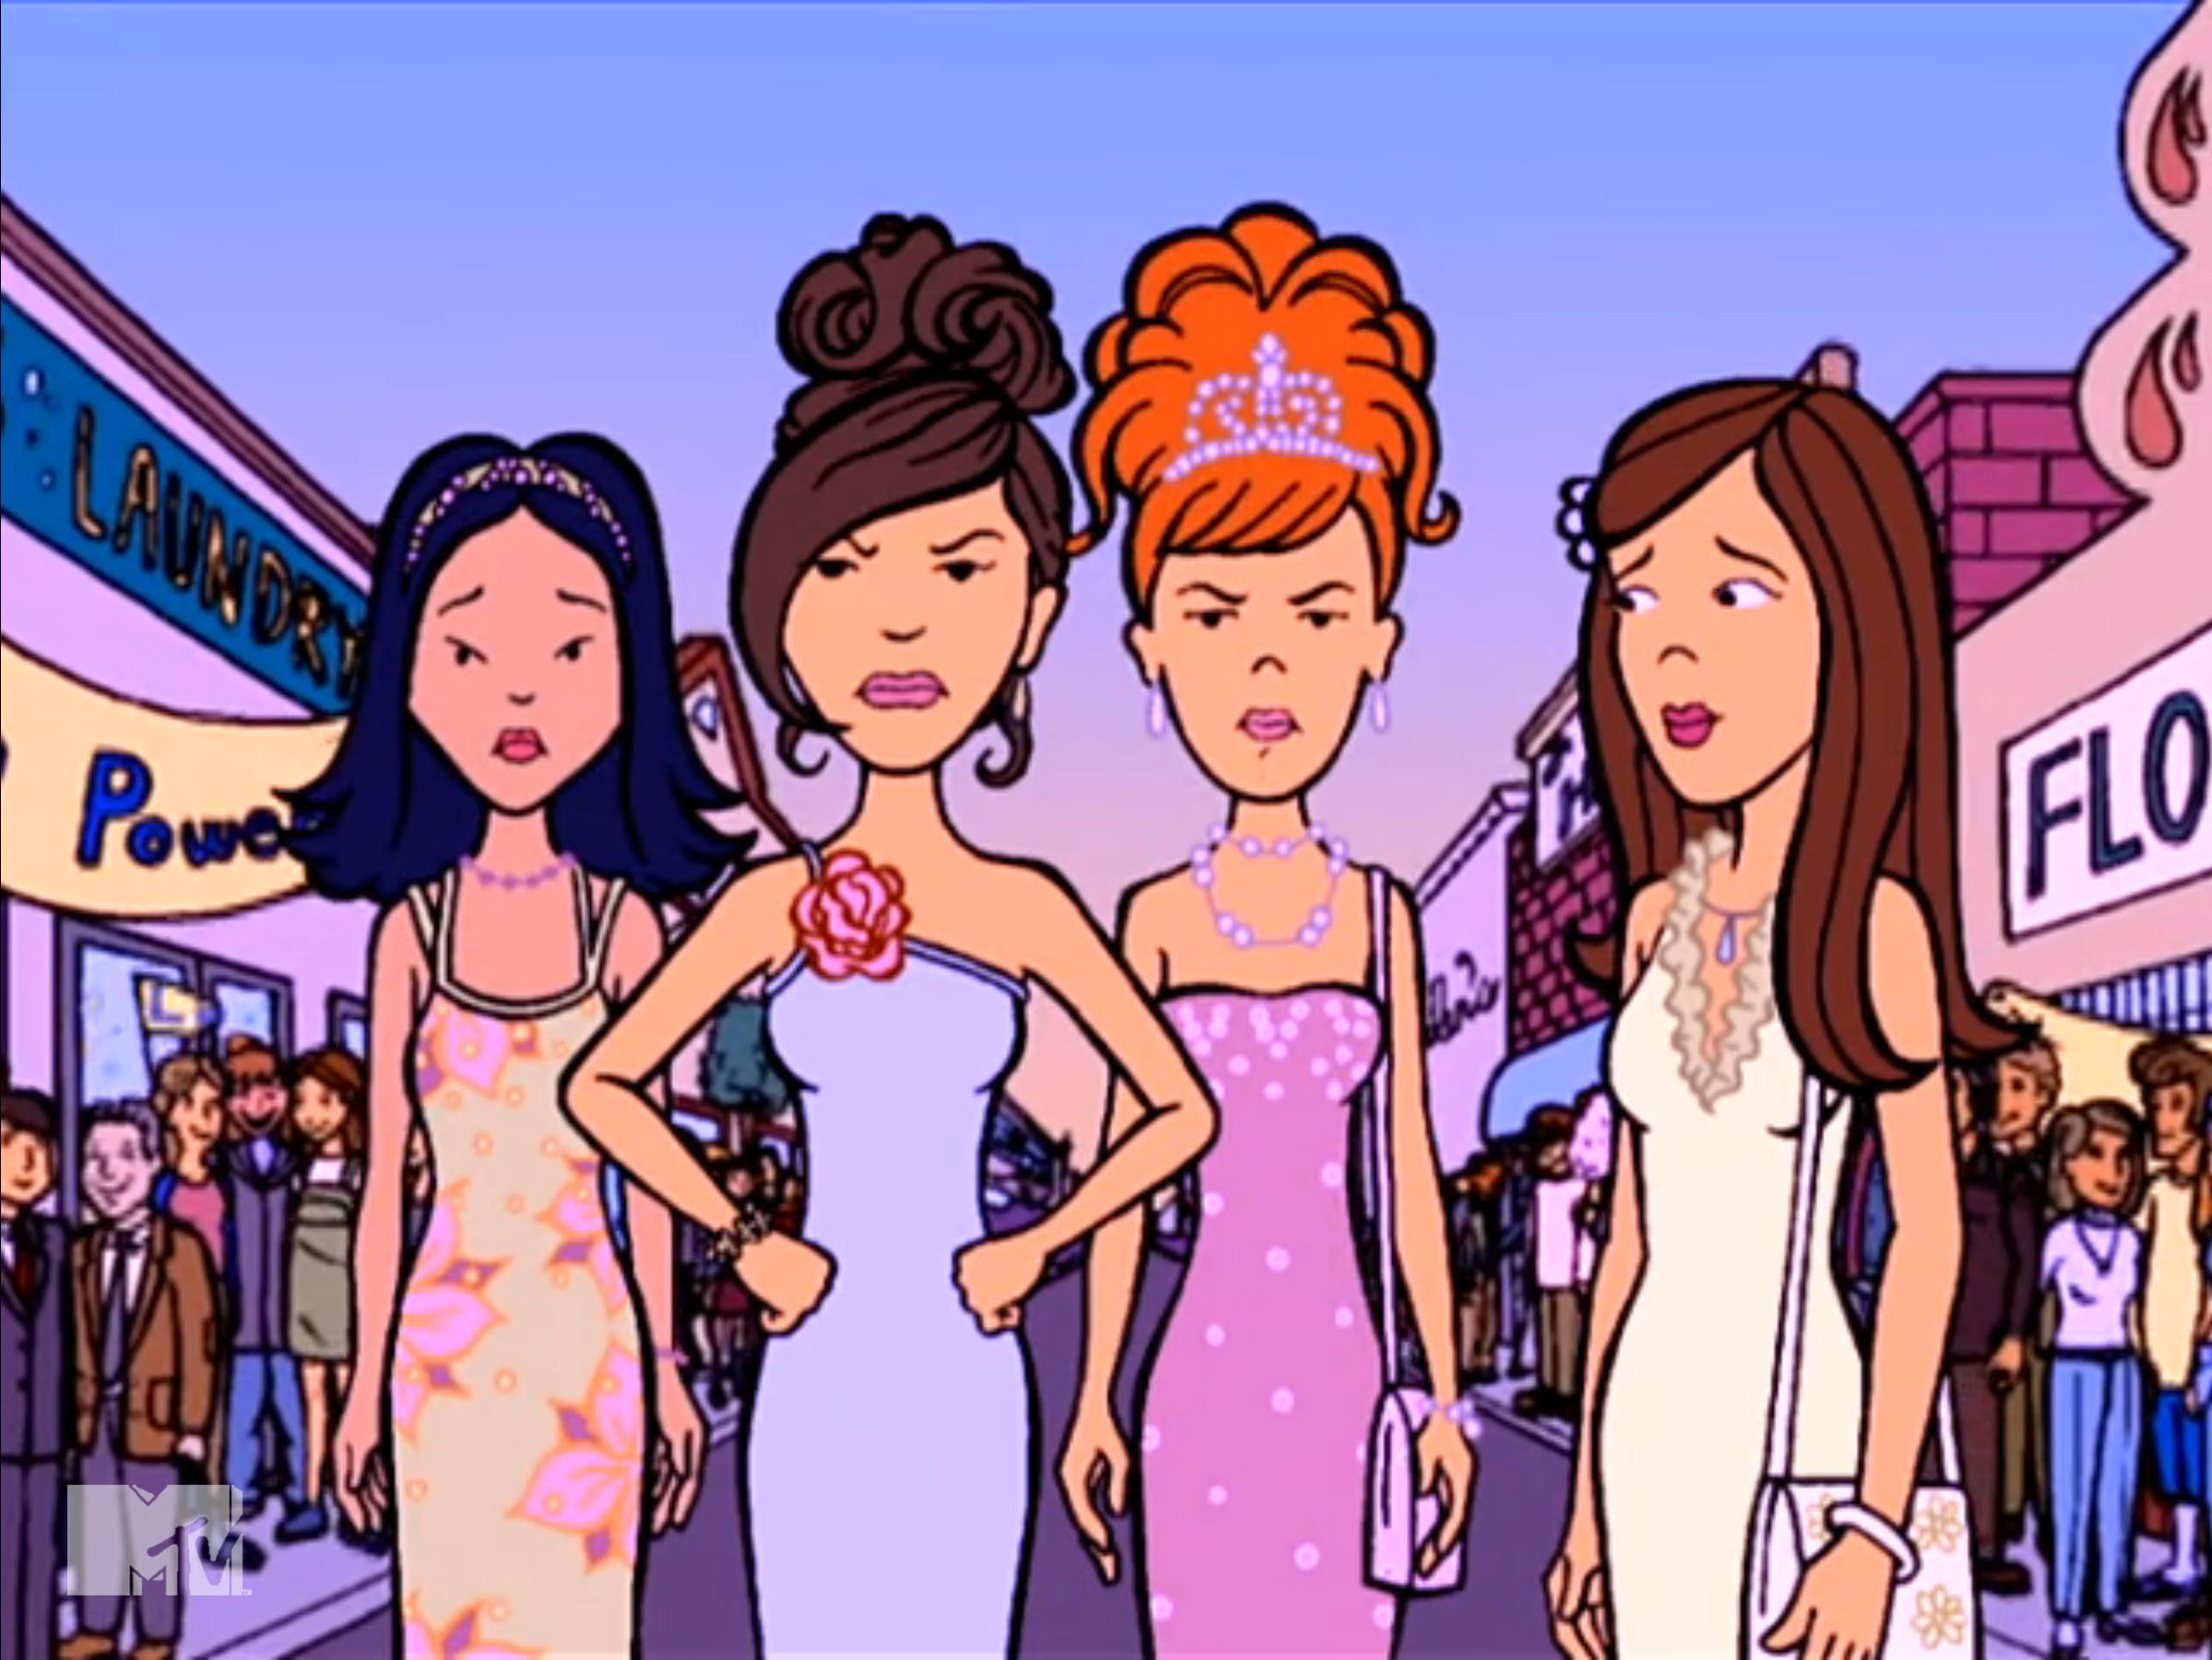 Daria fashion club